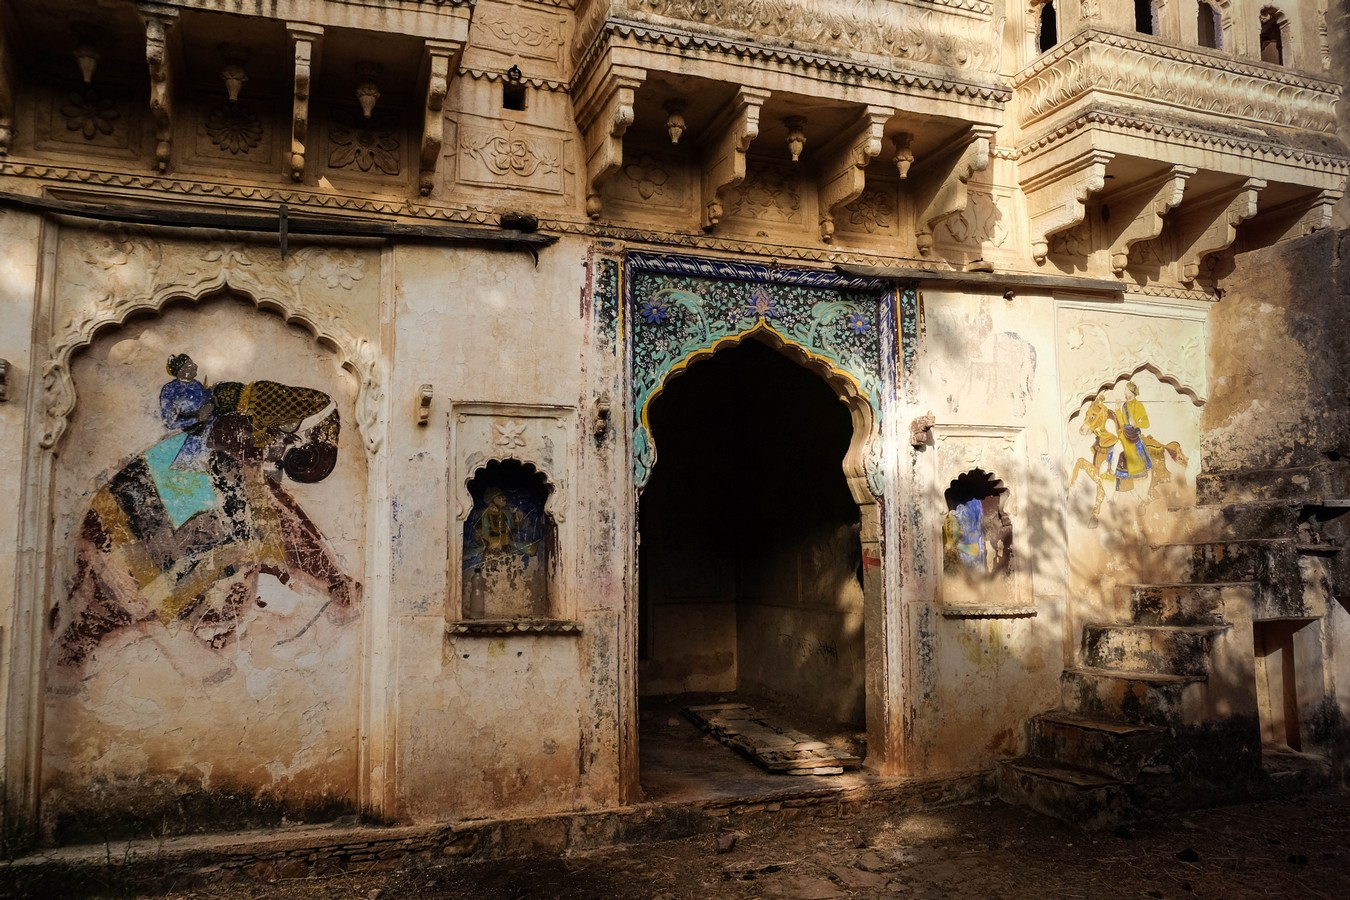 bundi-fort-peinture-murale